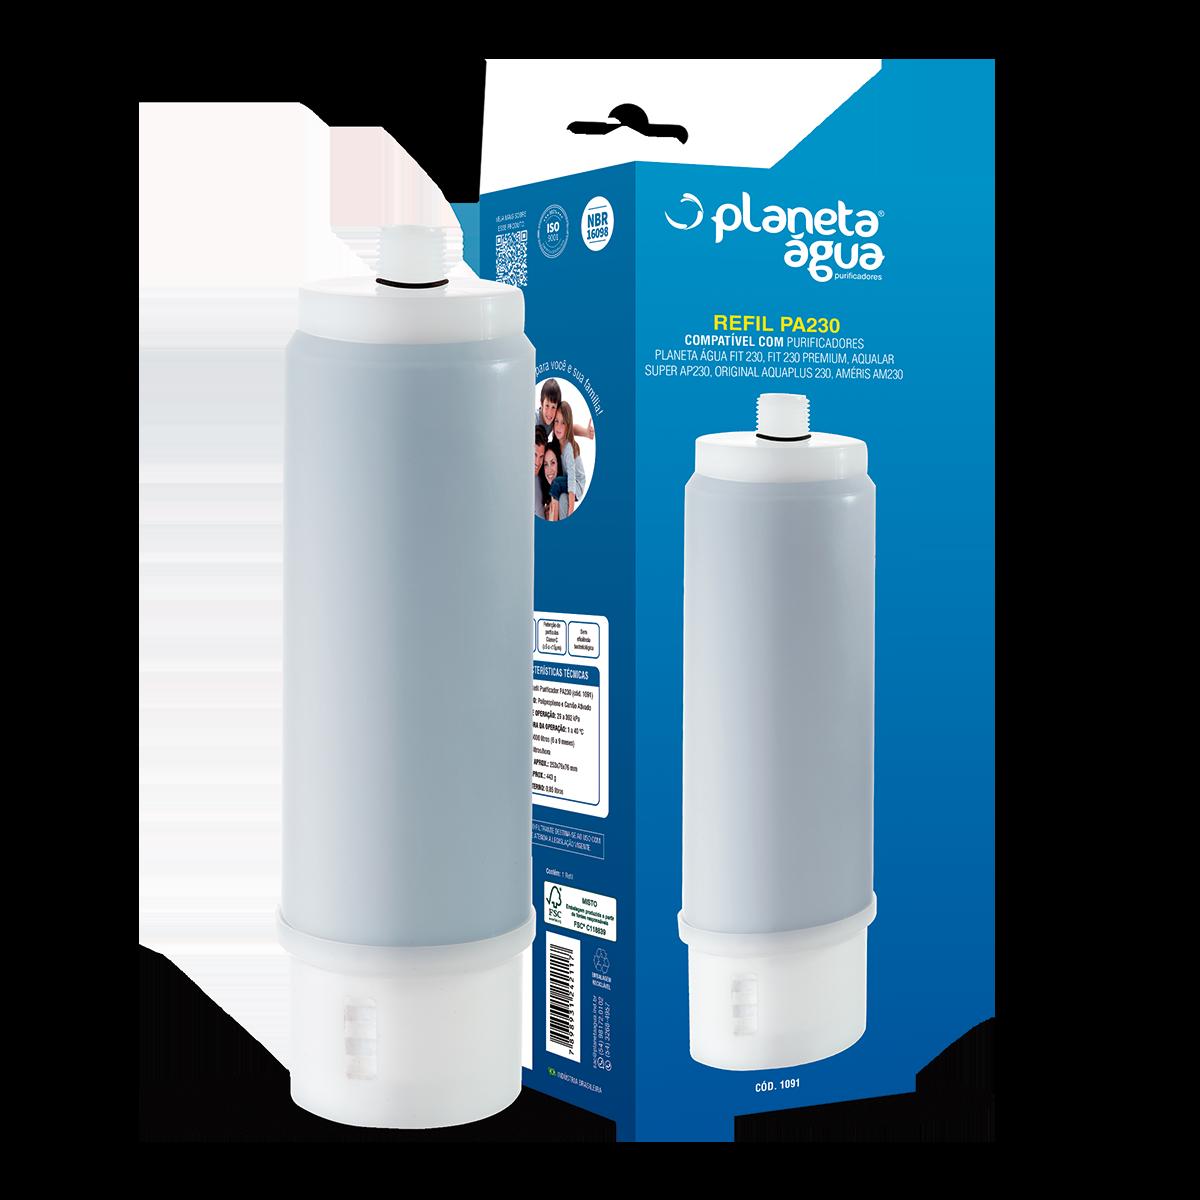 Refil Purificador PA230 - Compatível: Fit 230 e Fit 230 Premium Planeta Água, Aquaplus, 3M AP230, EF Polifil 300 e Outras